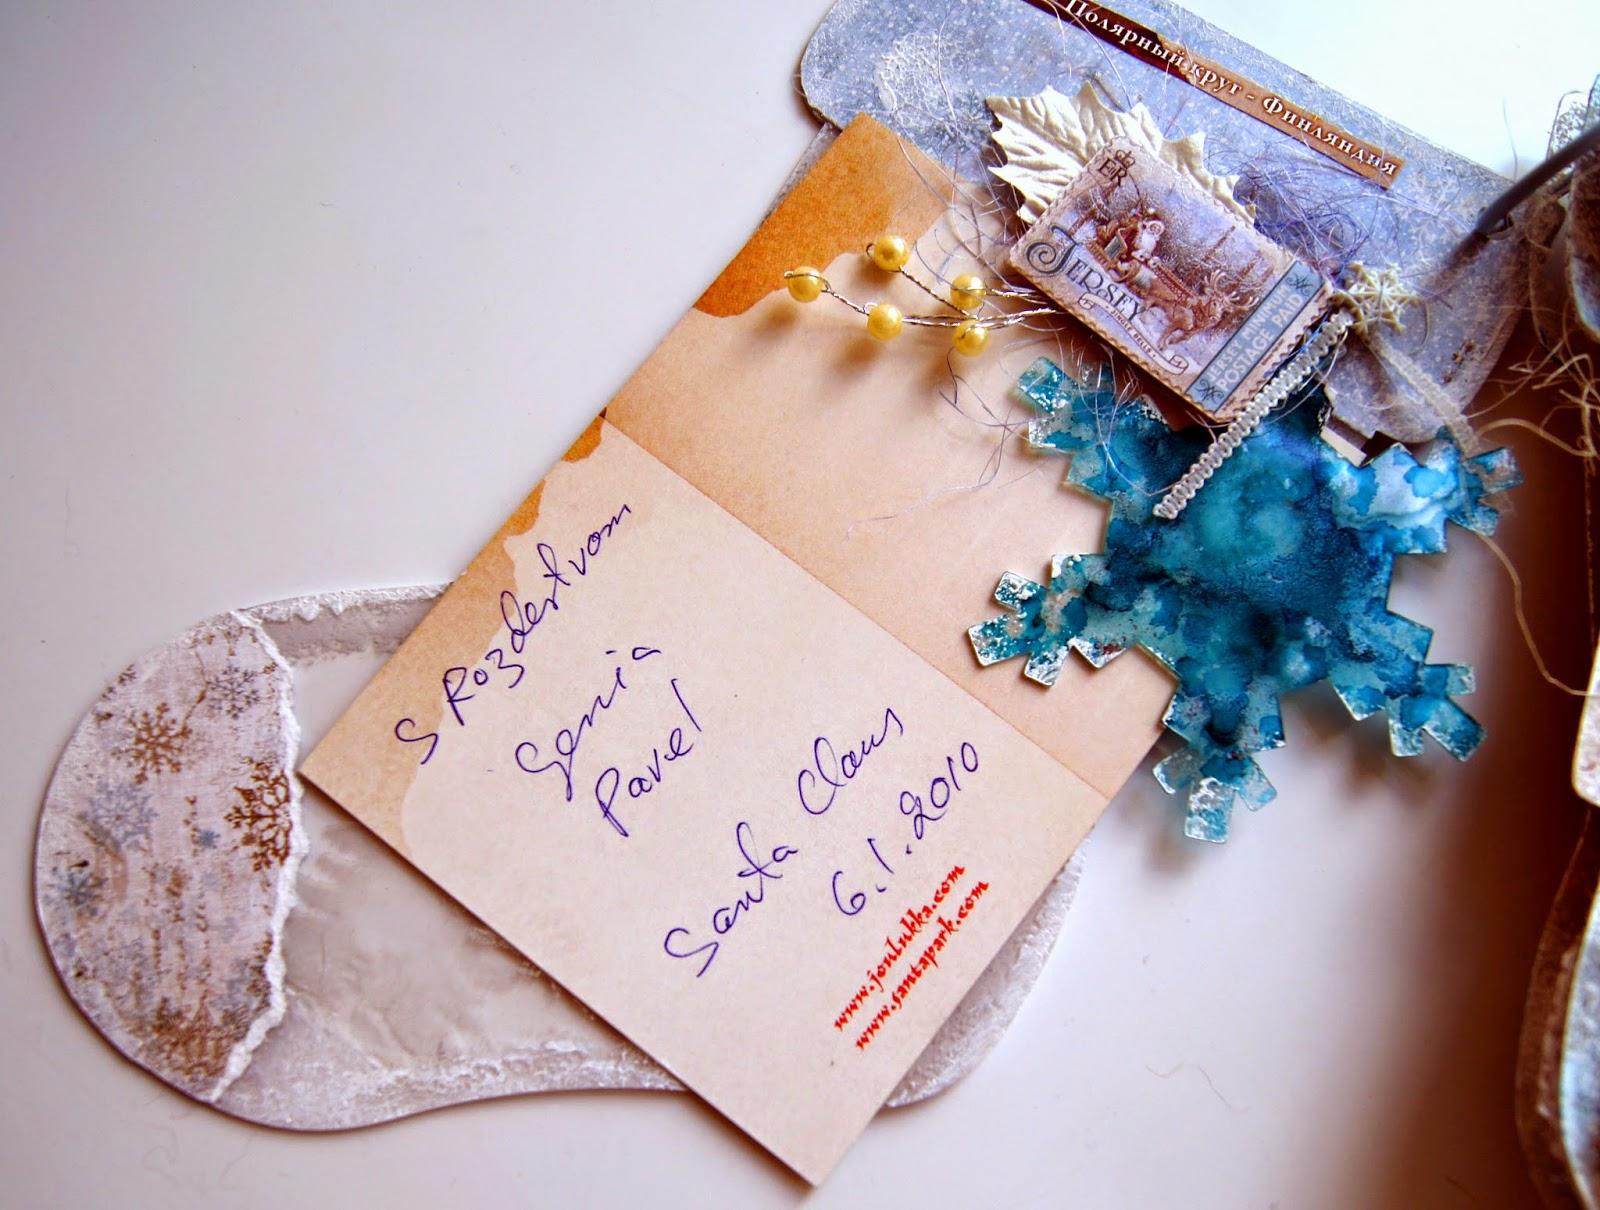 Подписи подарков контакте